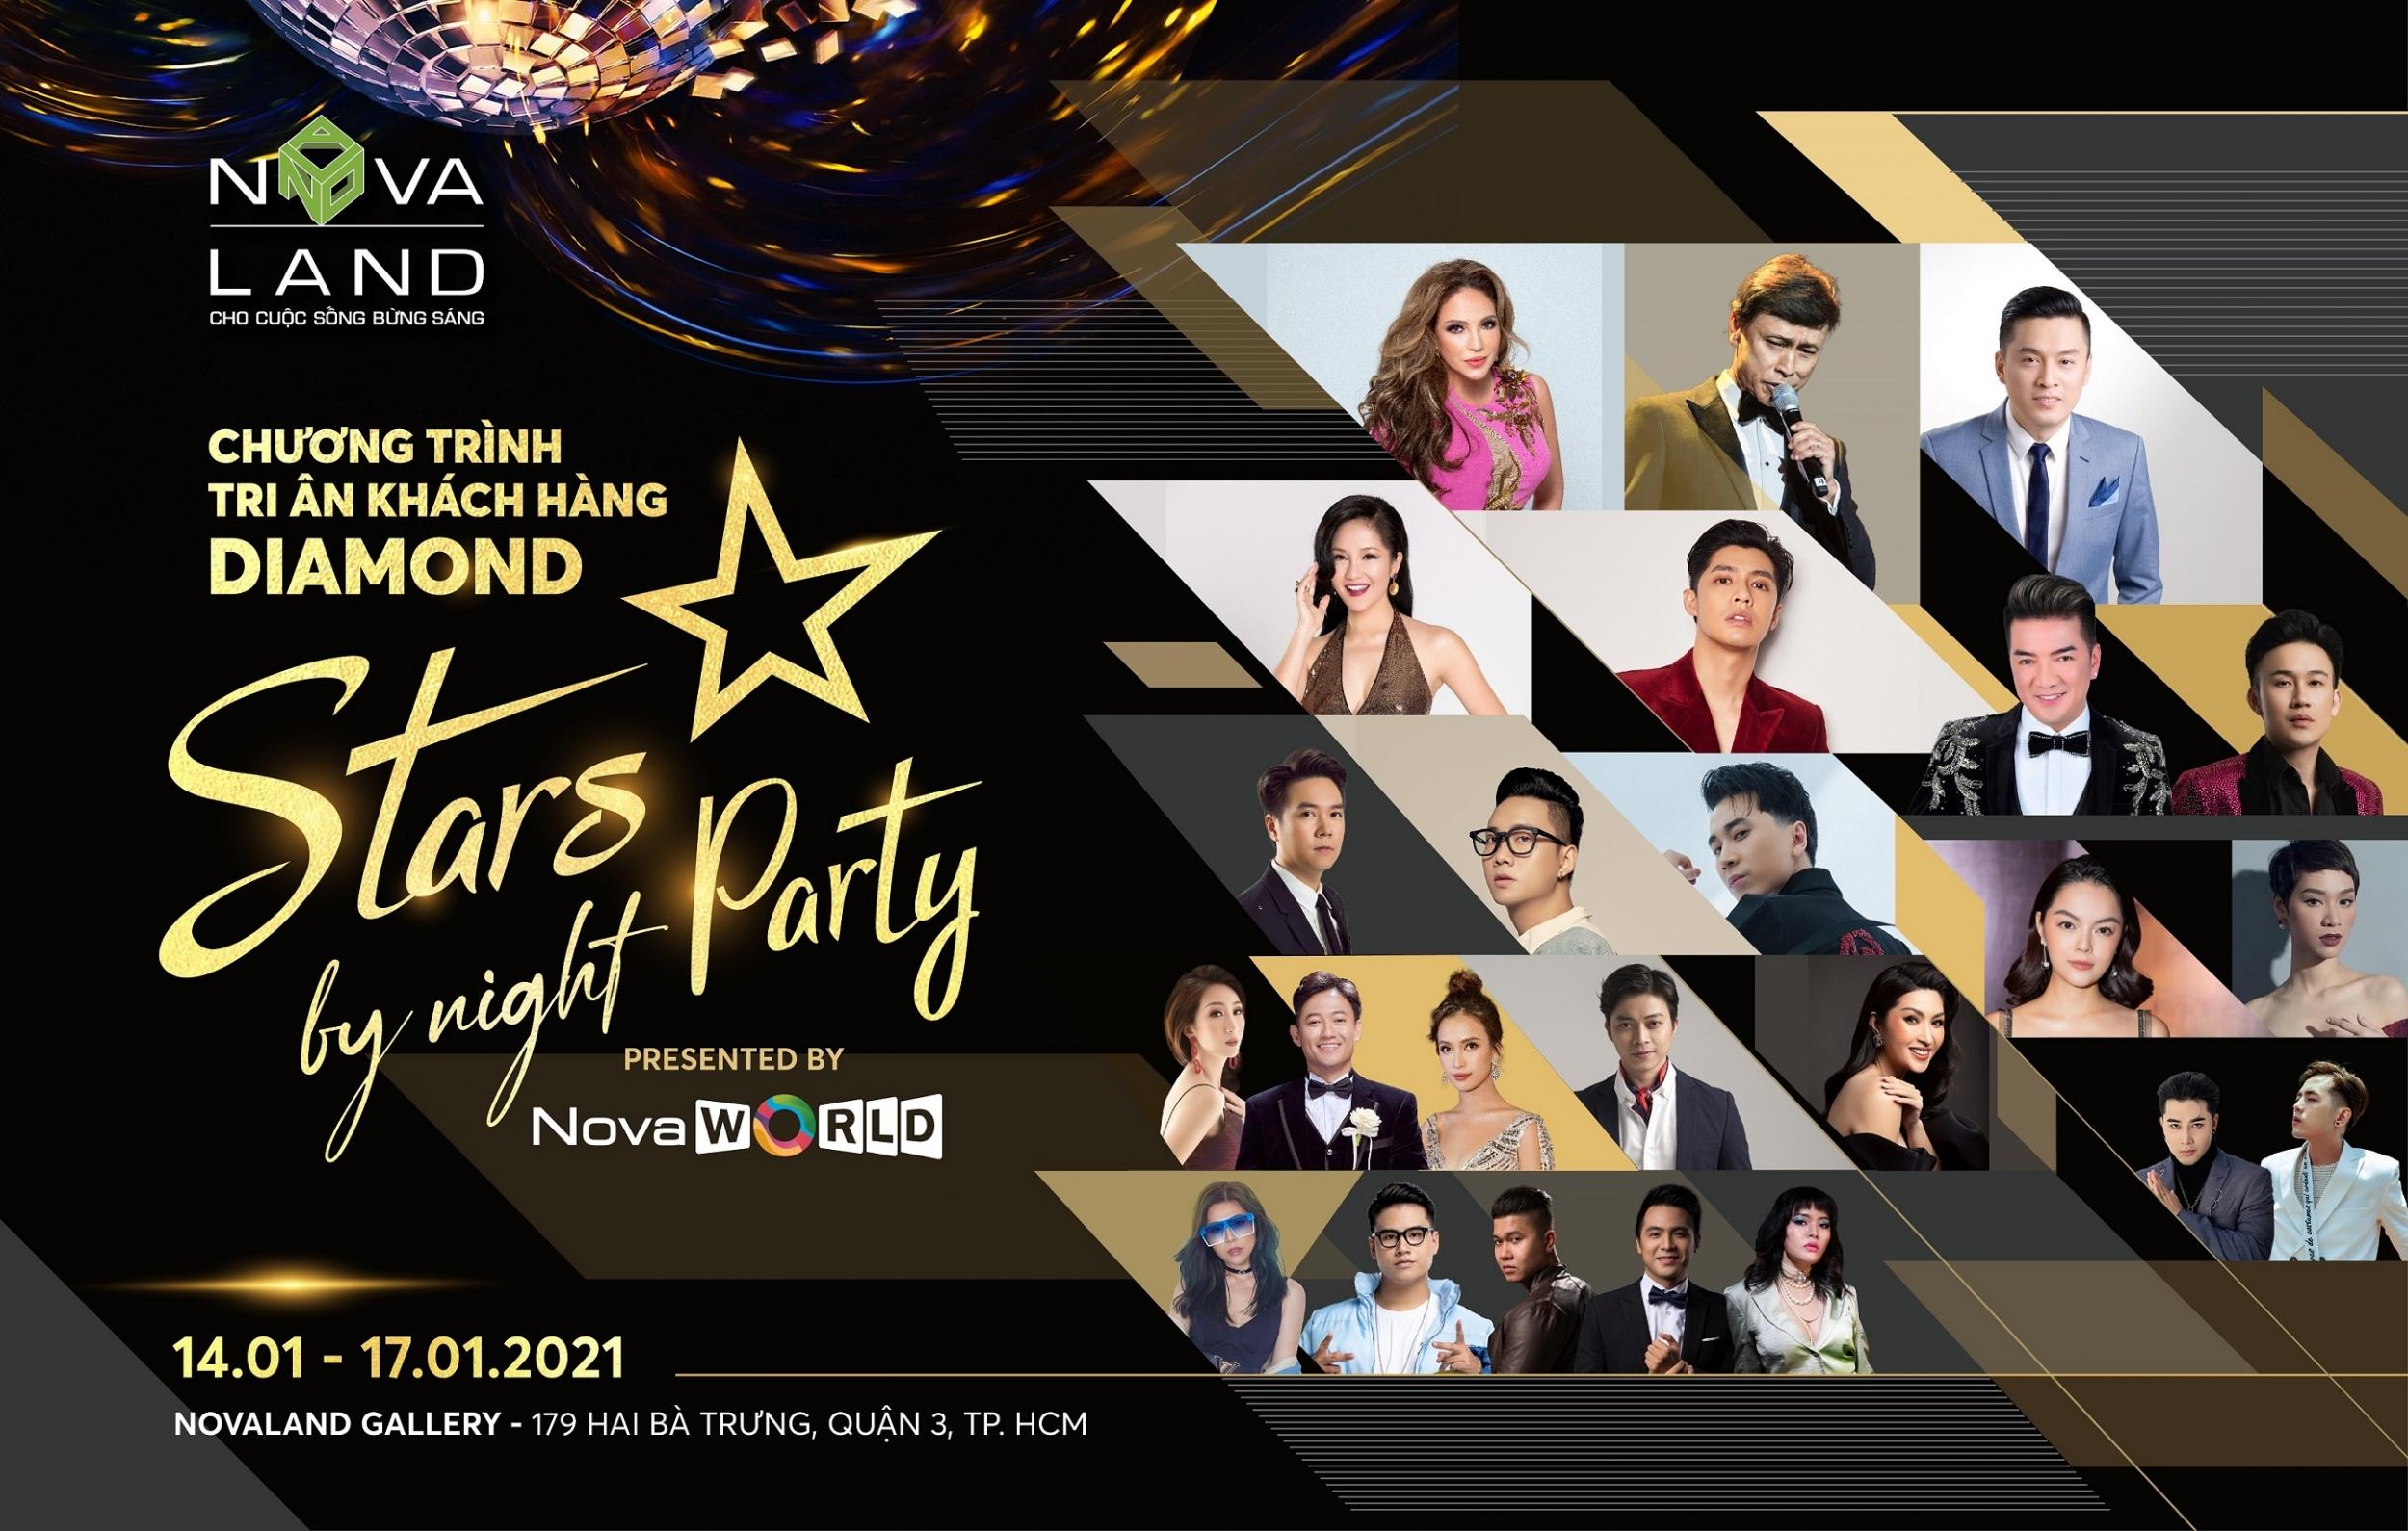 Dạ tiệc Ngôi Sao (Stars by Night Party) sẽ diễn ra từ 14 – 17/1 tại Novaland Gallery.